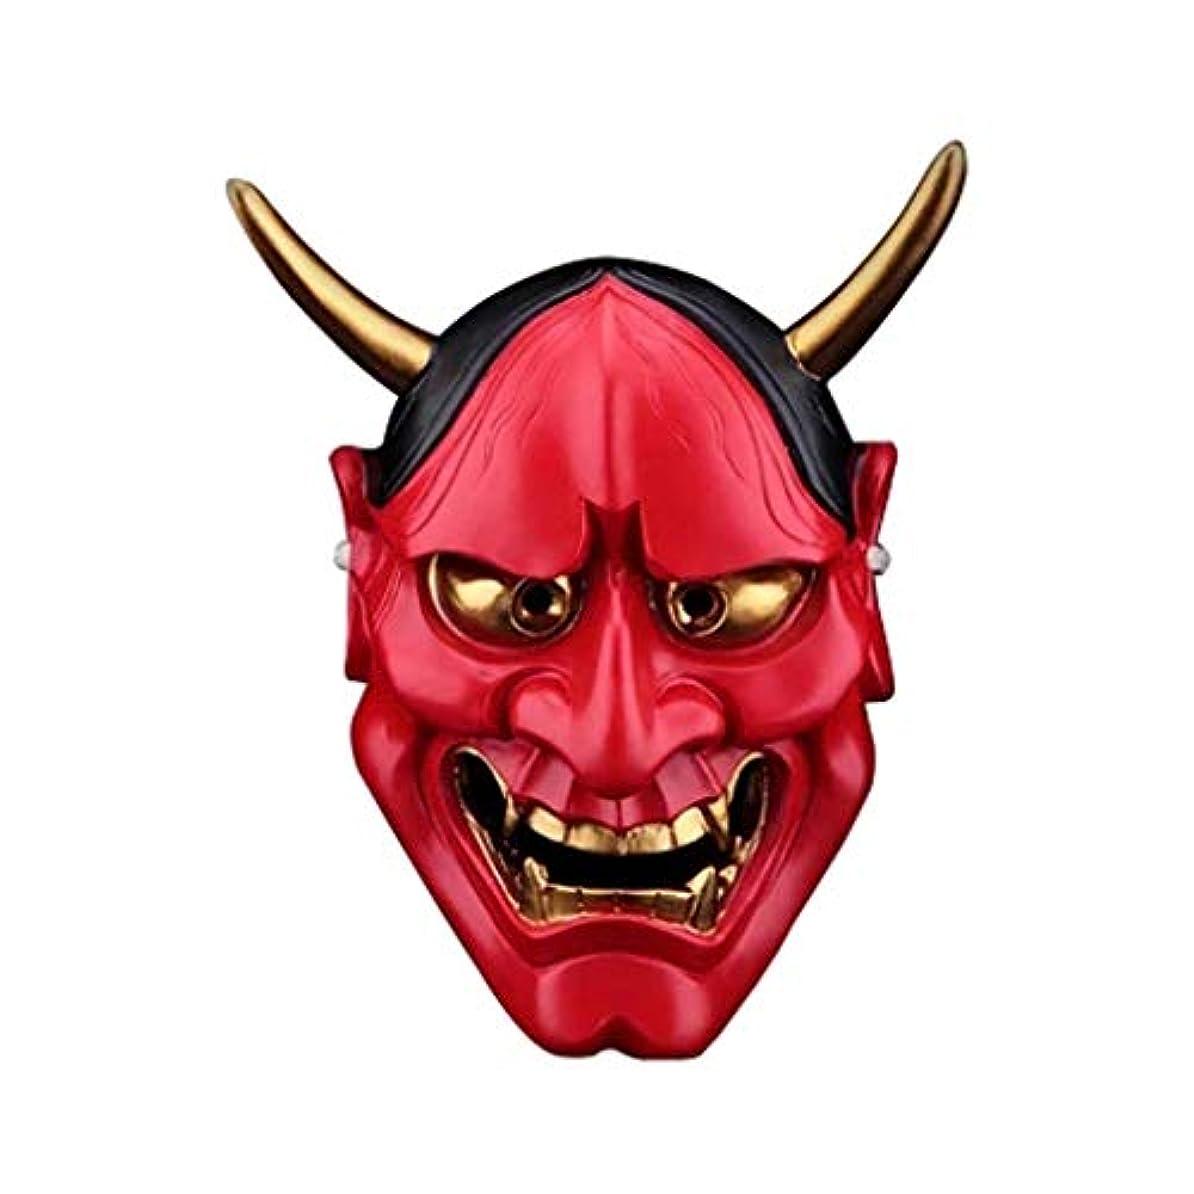 直面する矛盾する娘ハロウィンホラーマスク、成人用樹脂マスクデコレーション (Color : WHITE)